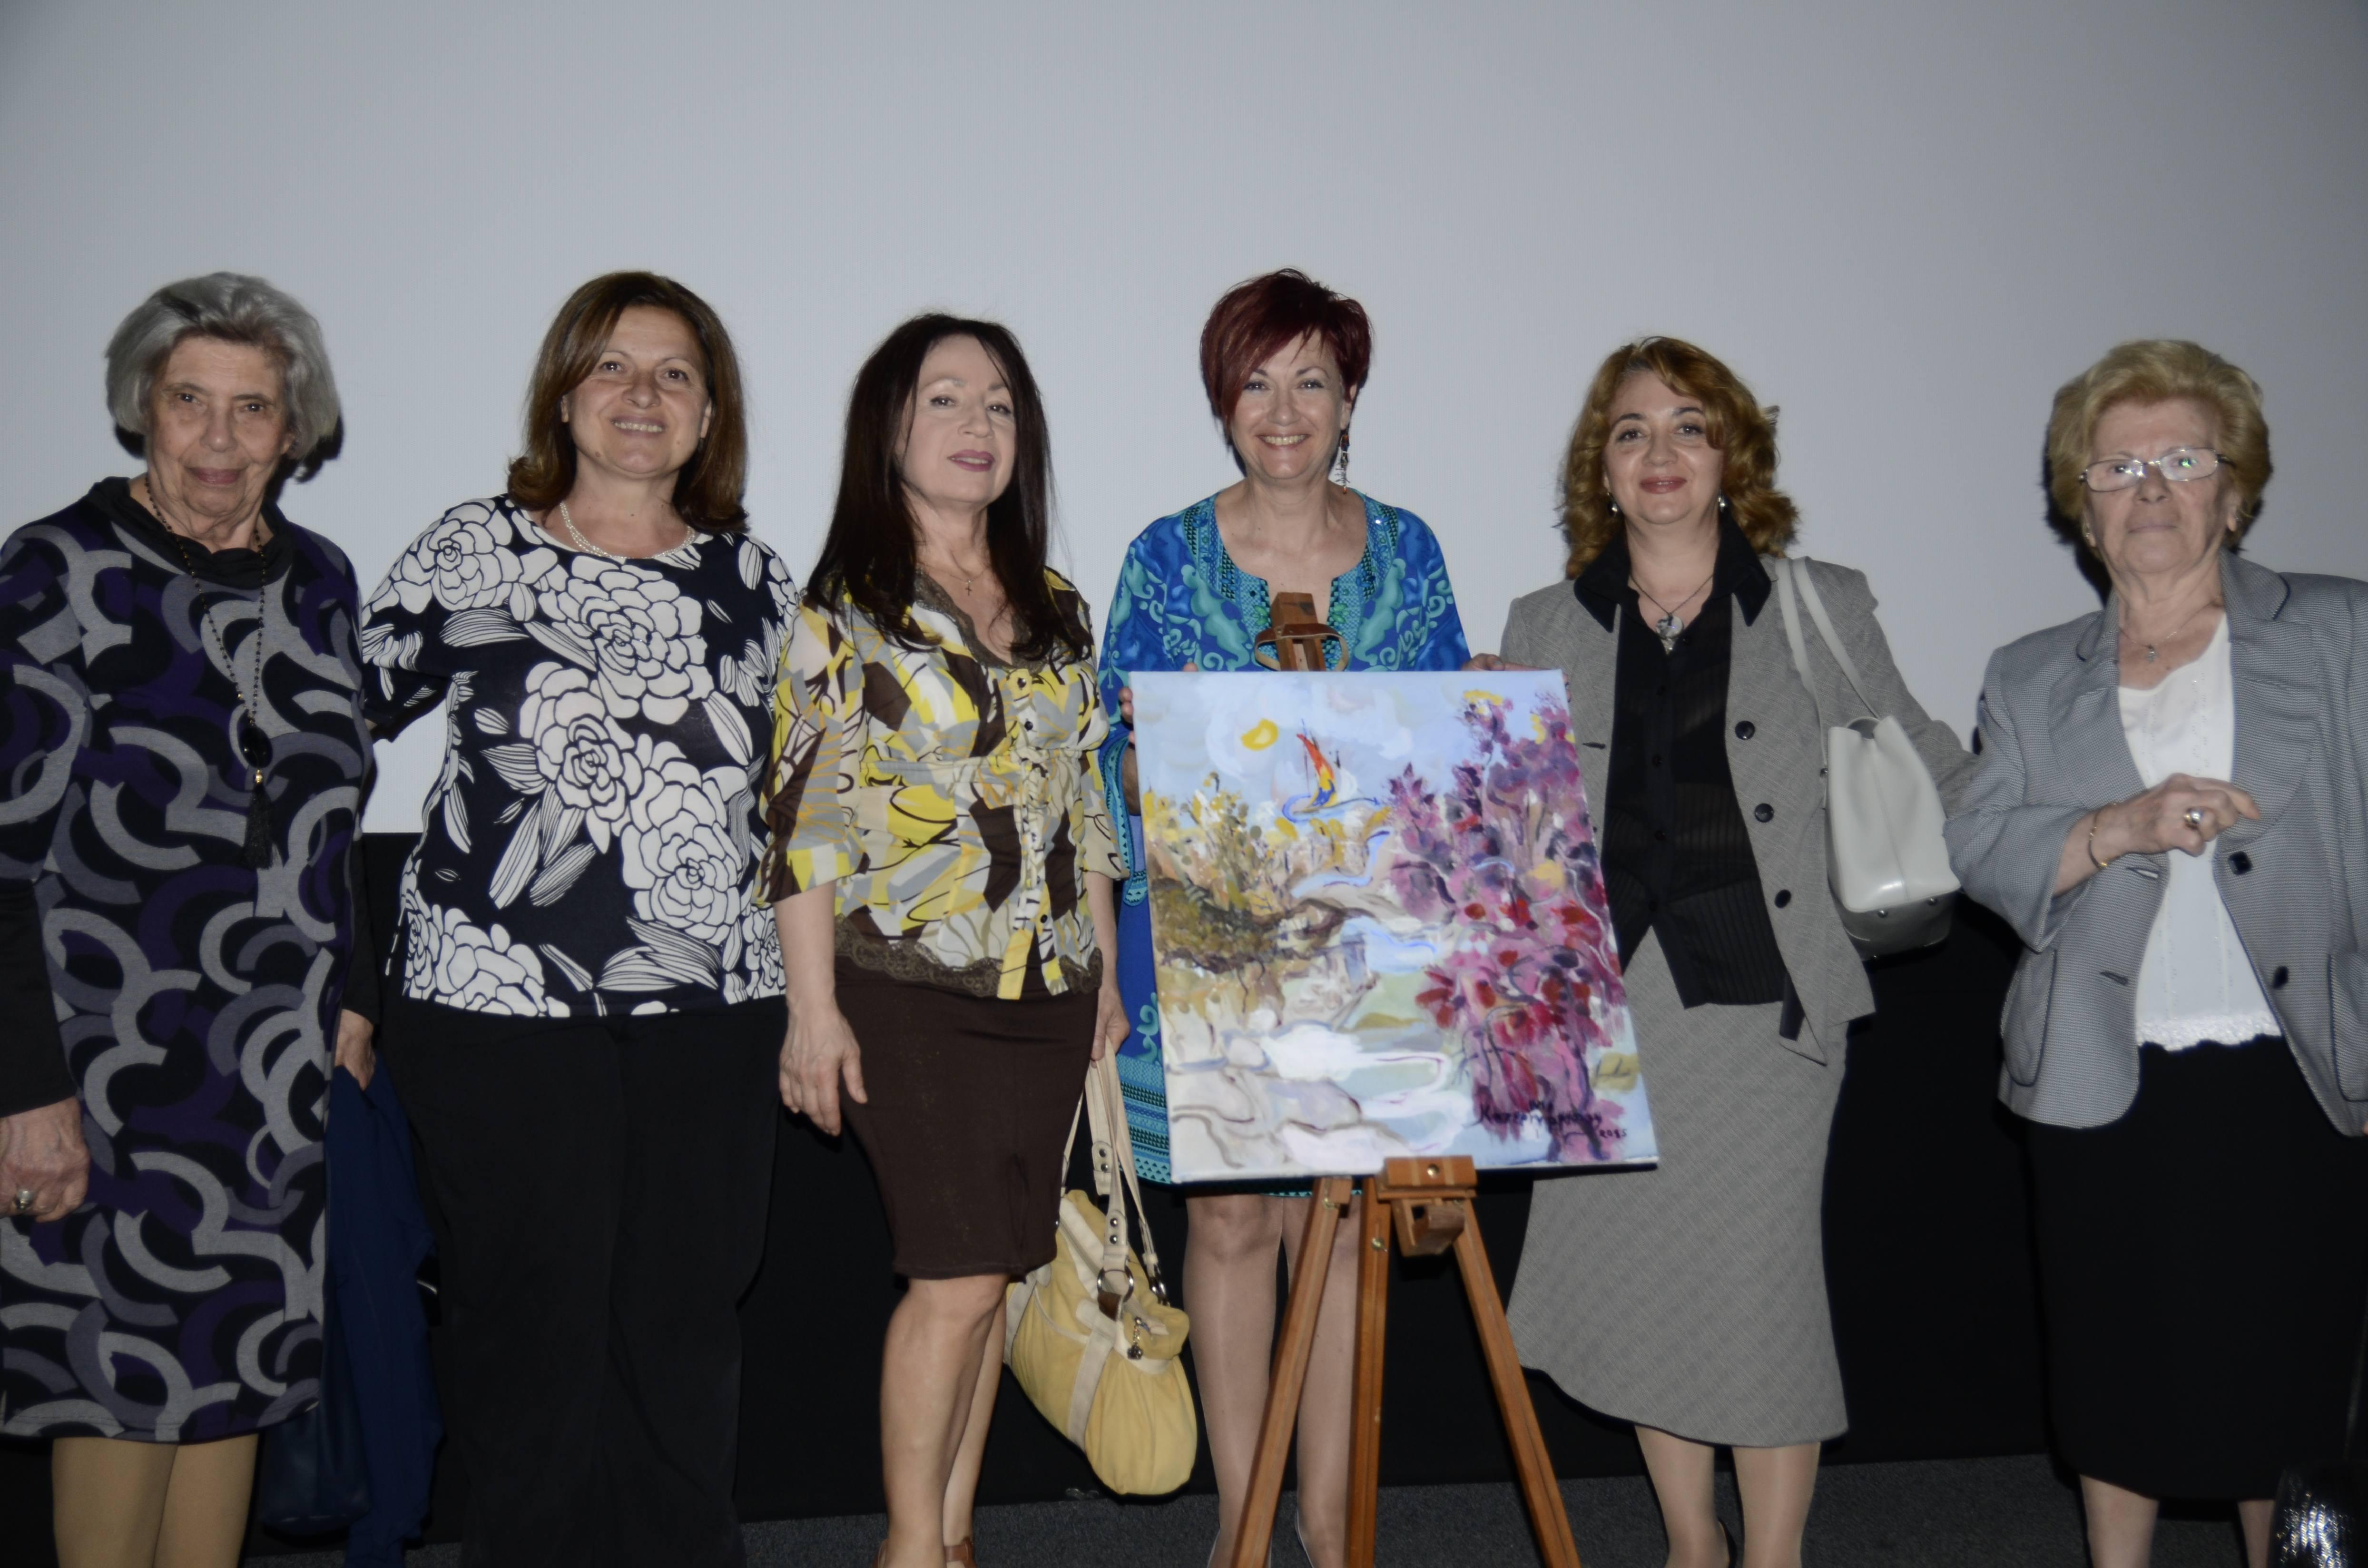 Το Διοικητικό Συμβούλιο του ΠΕΚ/ΑμεΑ με την ζωγράφο, κα Κατερίνα Μουρούζη-Μάρκου (από αριστερά προς τα δεξιά : Χρυσή Γιδοπούλου, Ταμίας - Άννα Μητσάκου, Γ. Γραμματέας - Κατερίνα Μουρούζη-Μάρκου, Ζωγράφος - Φωτεινή Μάργαρη, Πρόεδρος ΔΣ - Όλγα Τσαγγαλίδη, Μέλος ΔΣ - Αργυρώ Φουντουλάκη, Αντιπρόεδρος ΔΣ)